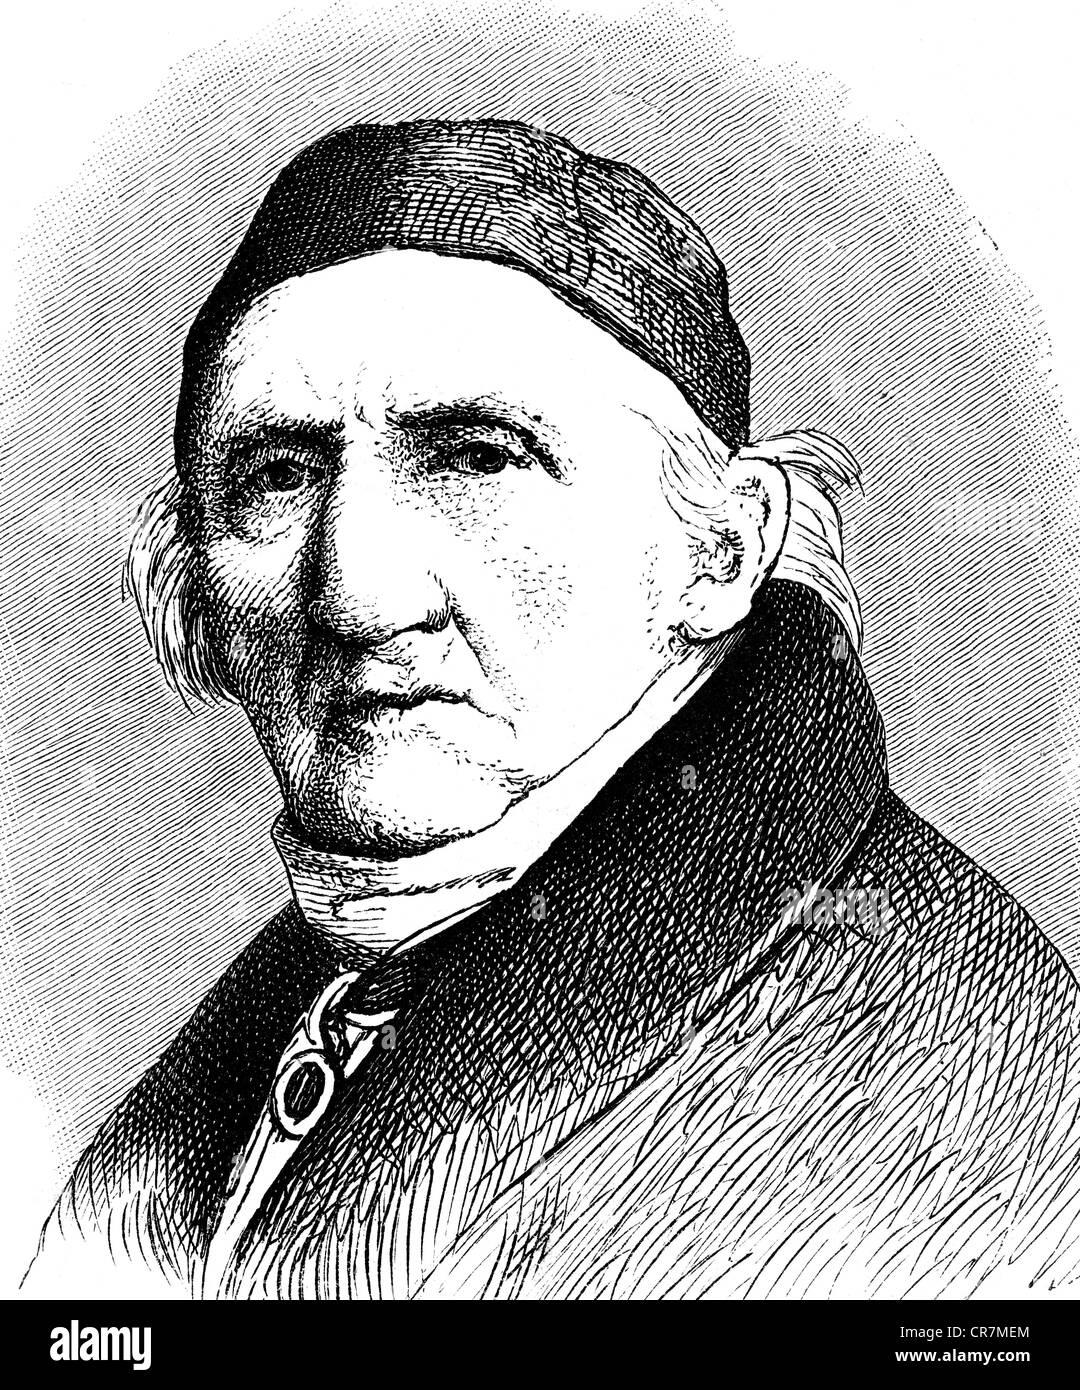 Schadow, Johann Gottfried, 20.5.1764 - 27.1.1850, deutscher Bildhauer und Grafiker, Porträt, Holzgravur, 19. Jahrhundert, Stockfoto